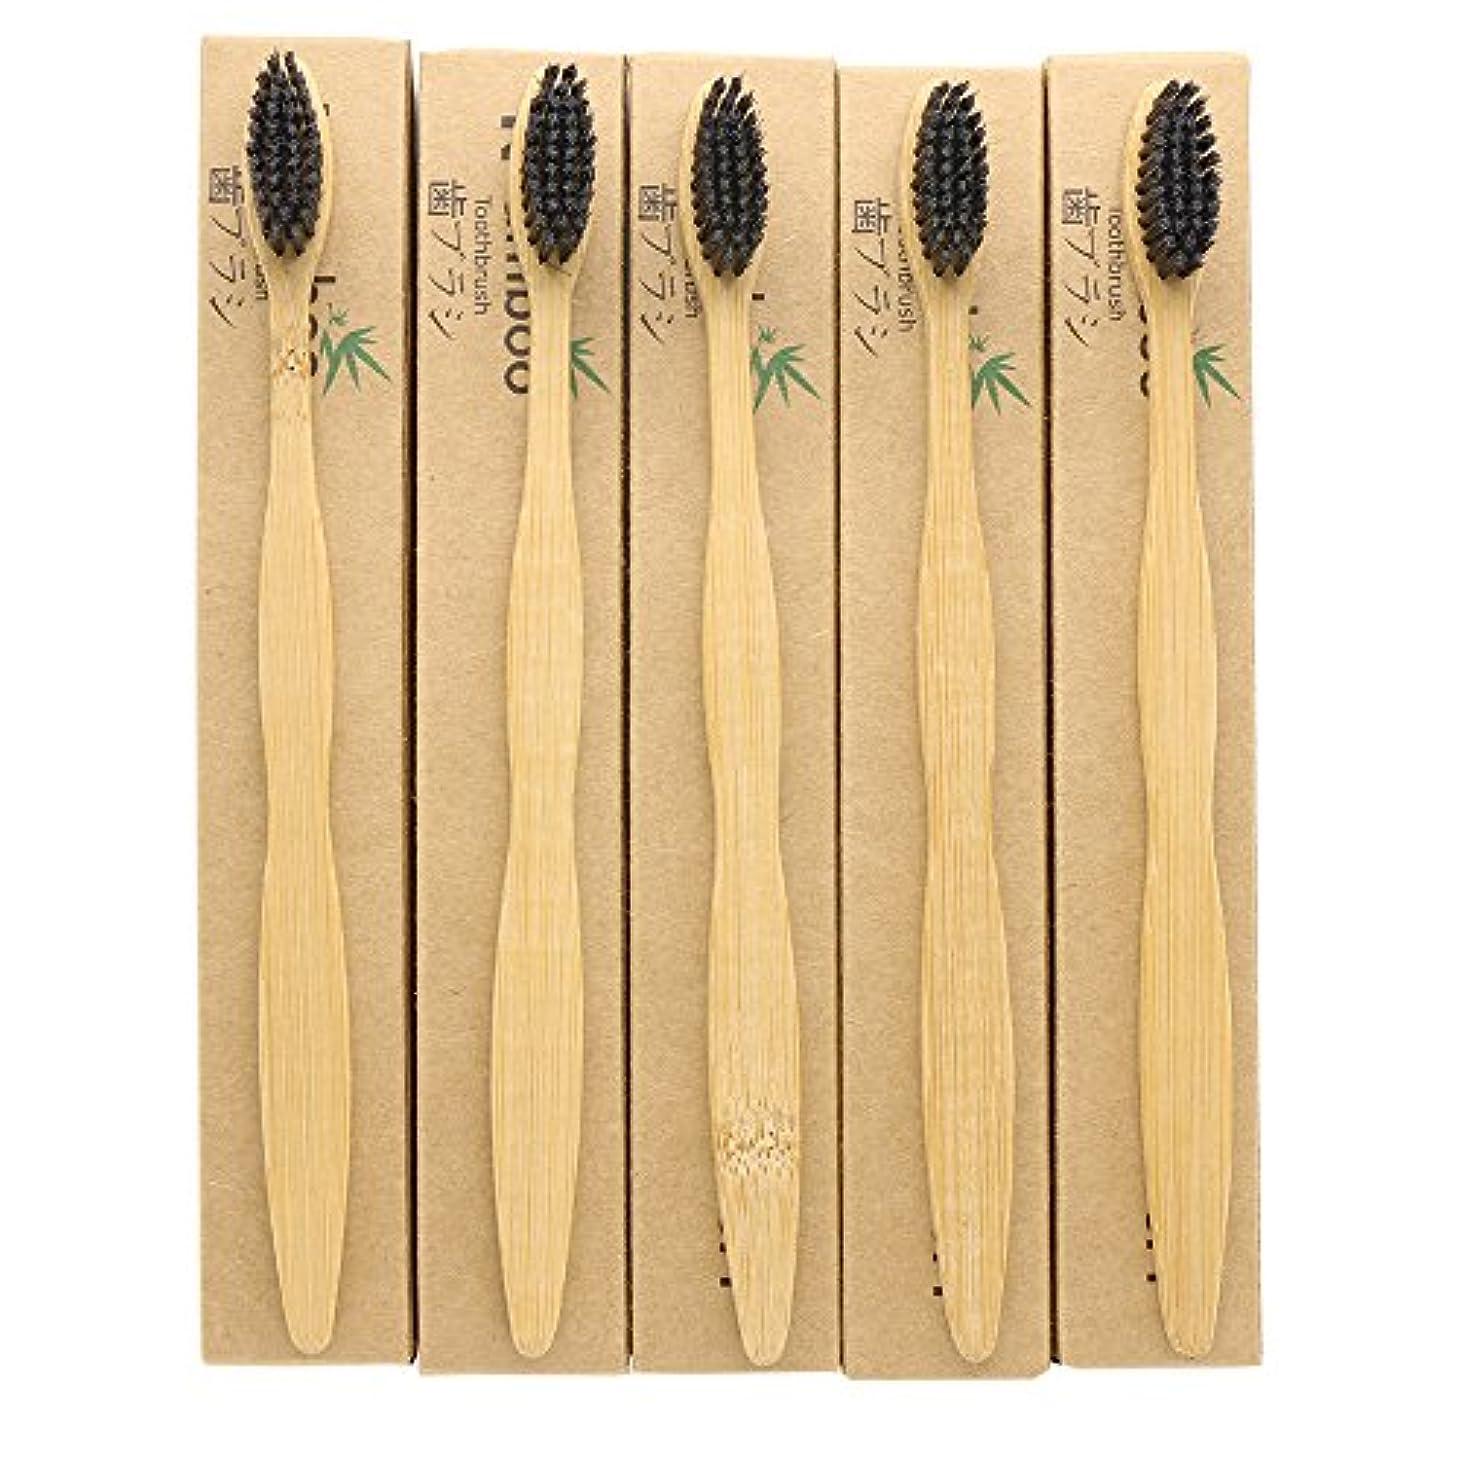 不正直のため突き刺すN-amboo 歯ブラシ 5本入り 竹製 耐久性 黒